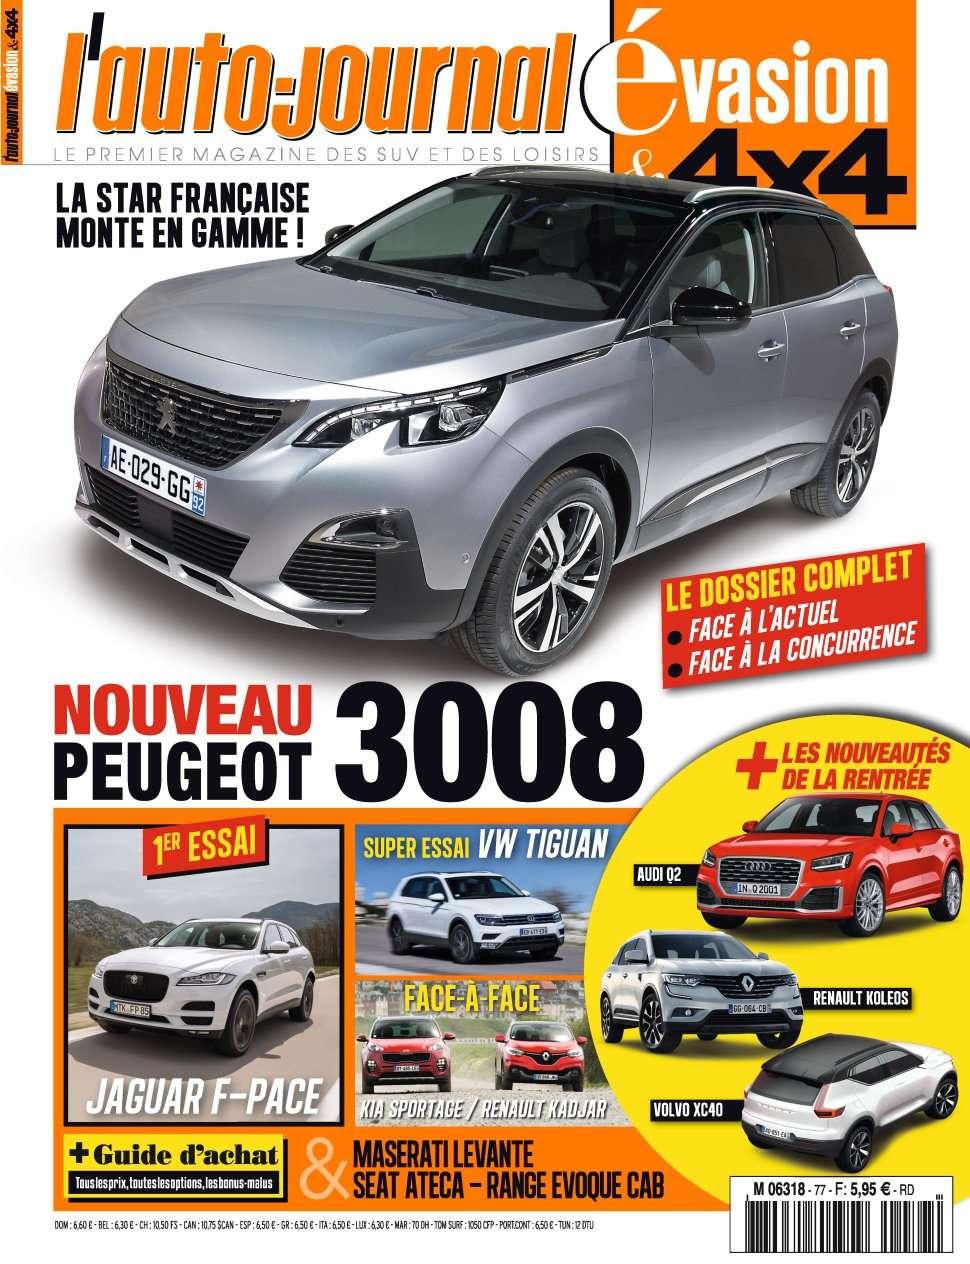 L'Auto-Journal 4x4 77 - Juin/Juillet/Aout 2016